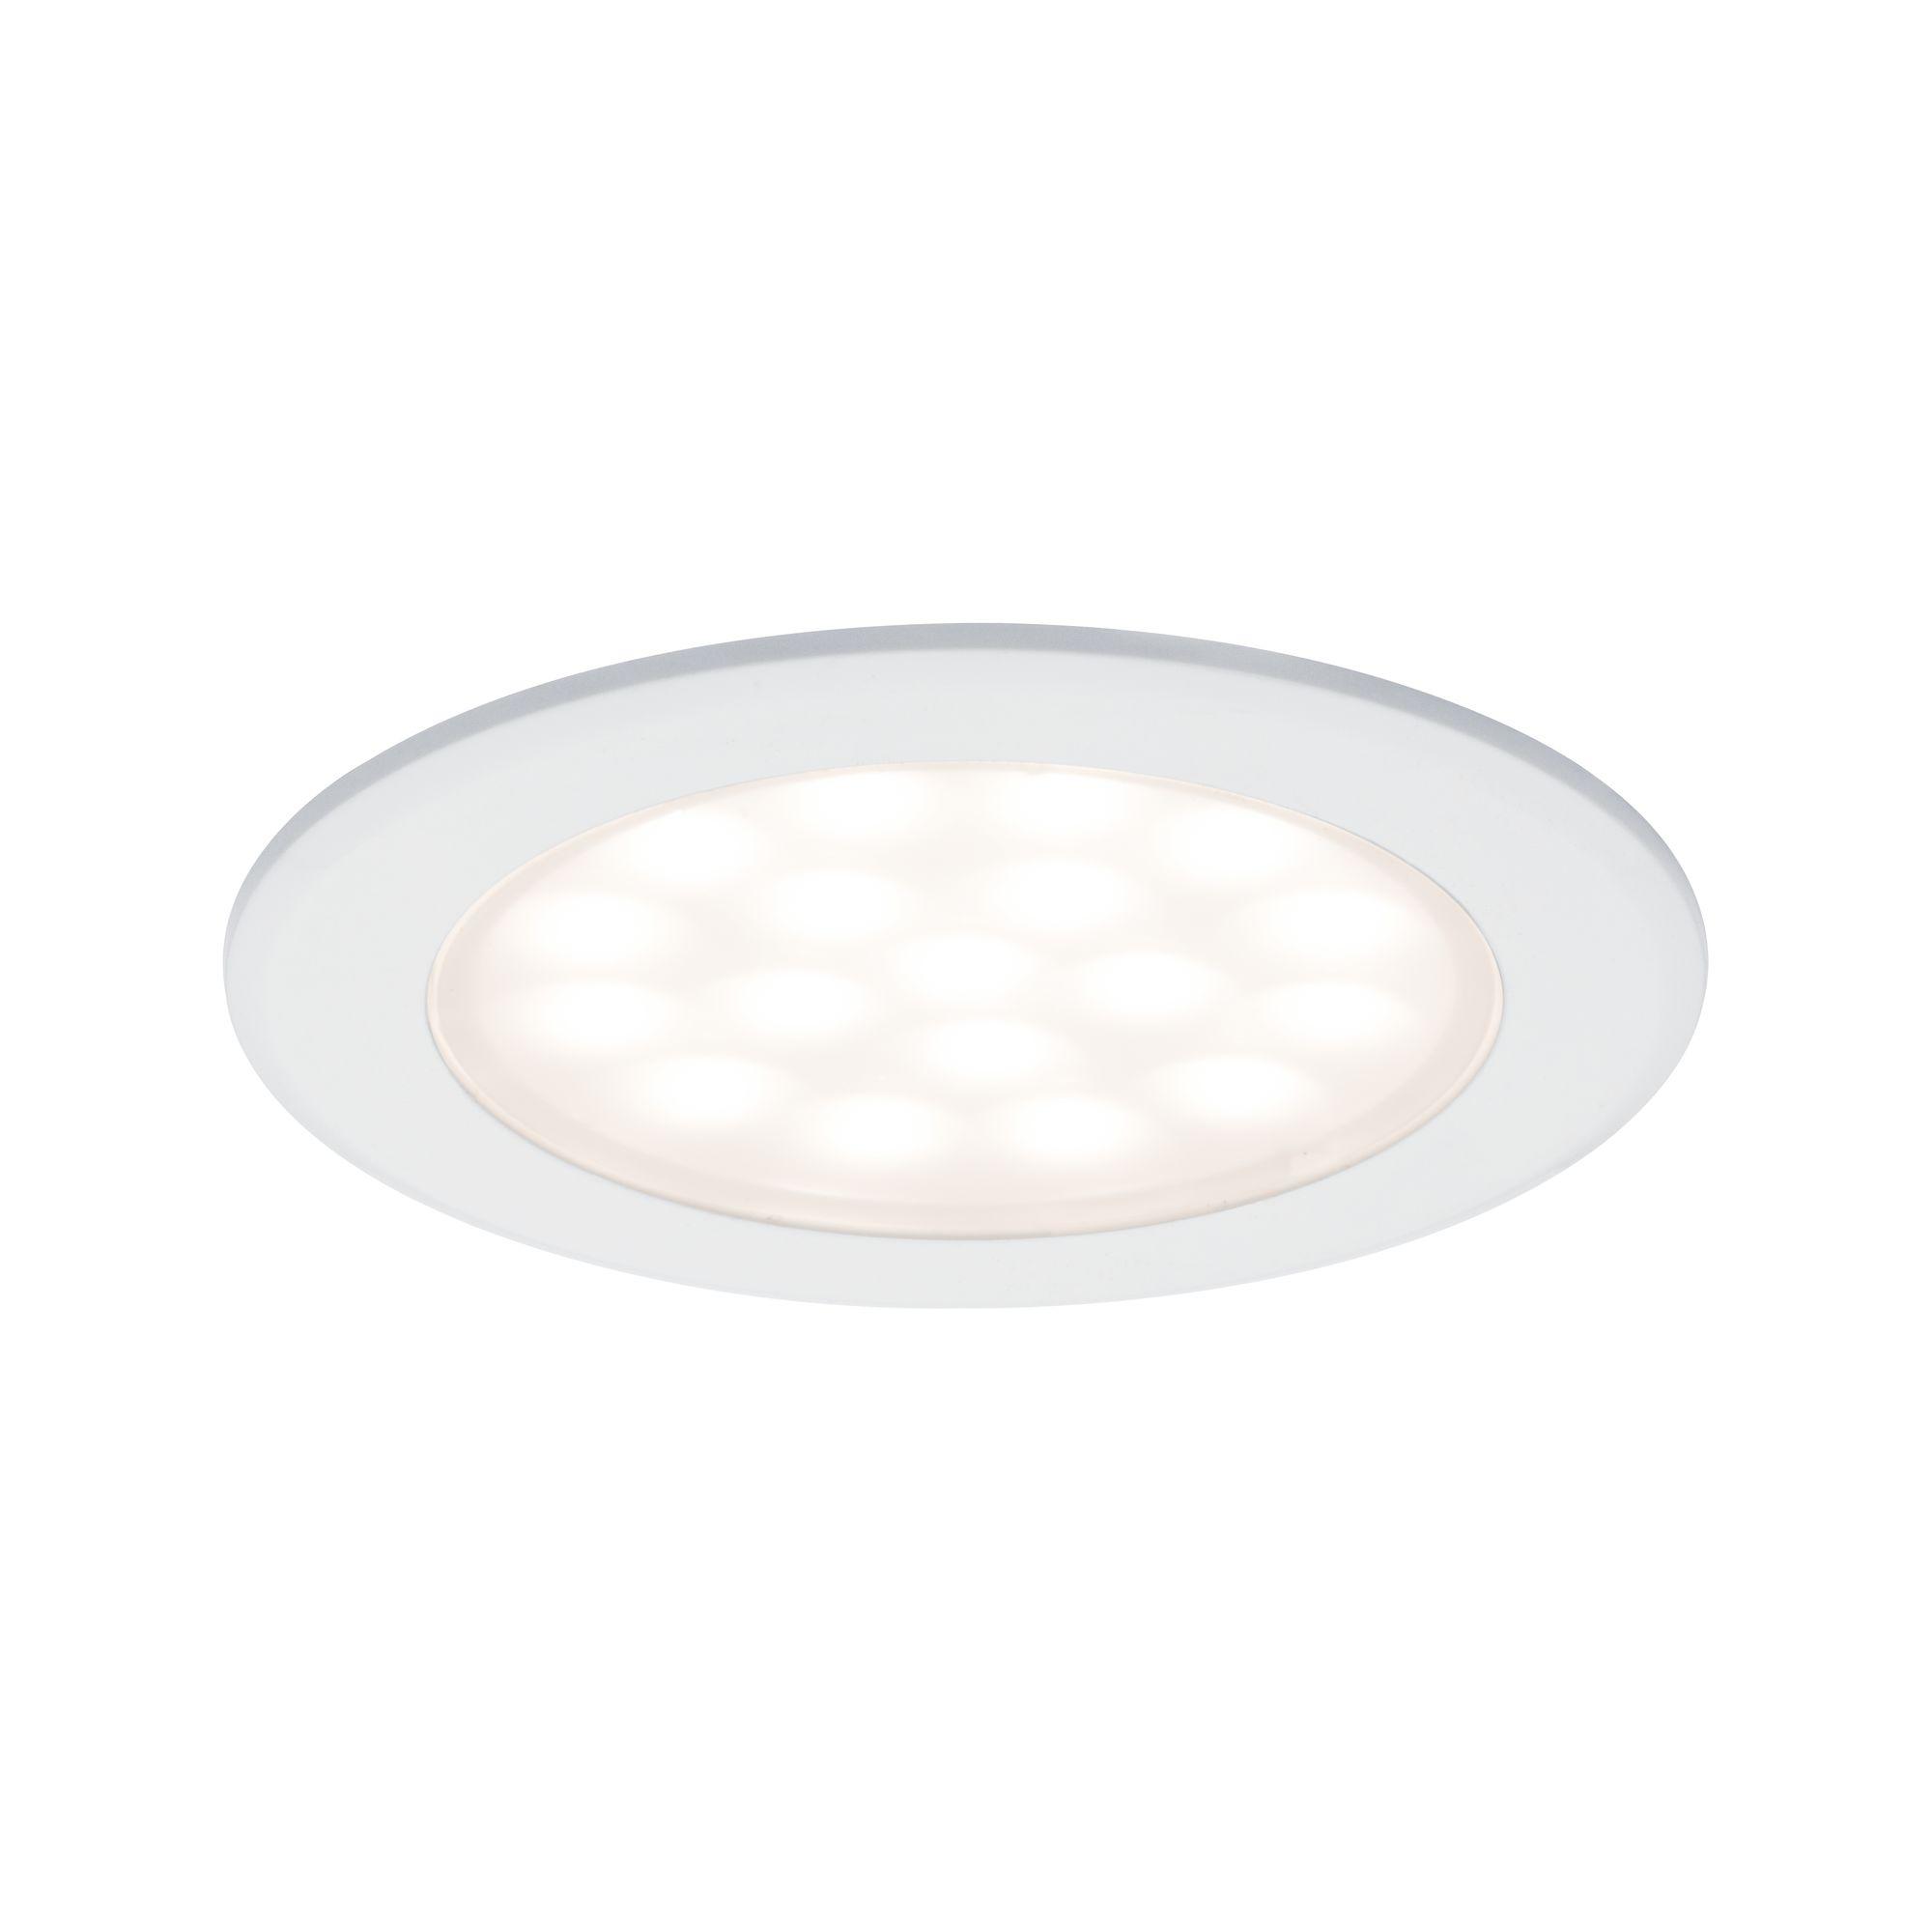 LED nábytkové vestavné svítidlo kruhové 2ks sada 2x2,5W bílá mat - PAULMANN P 99921